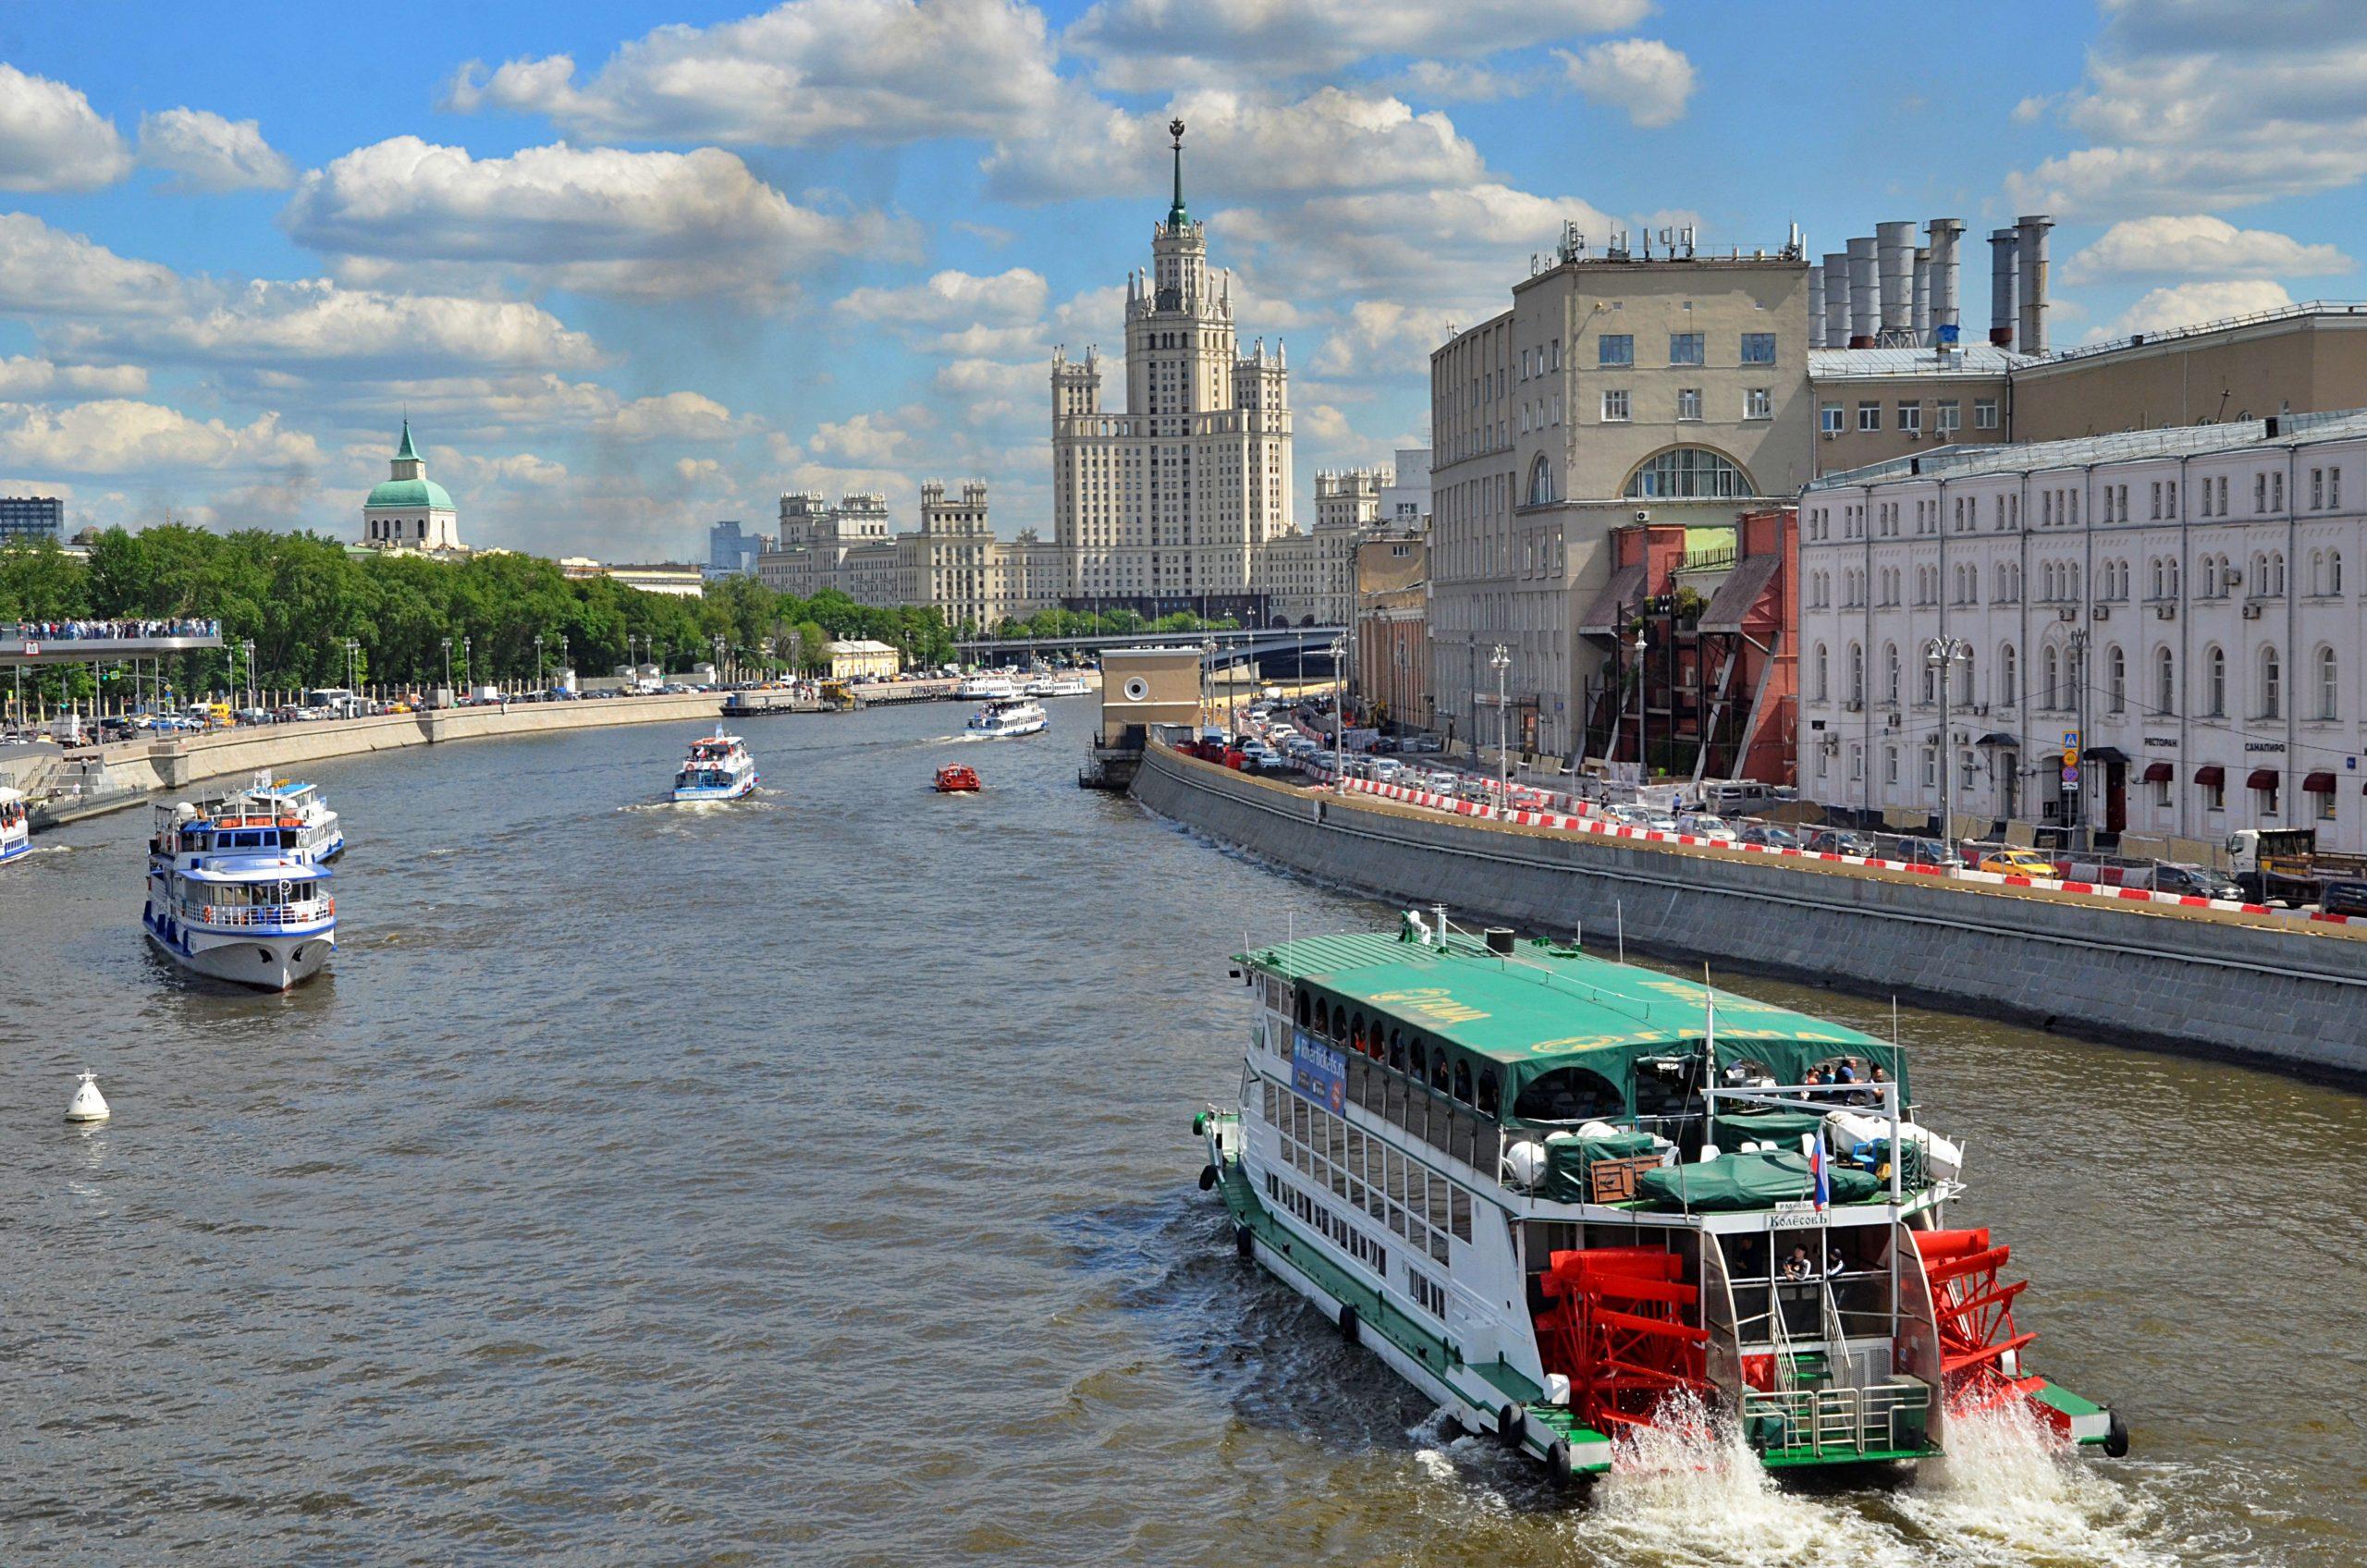 Москва выделит на субсидии малому и среднему бизнесу 5 миллиардов рублей — власти